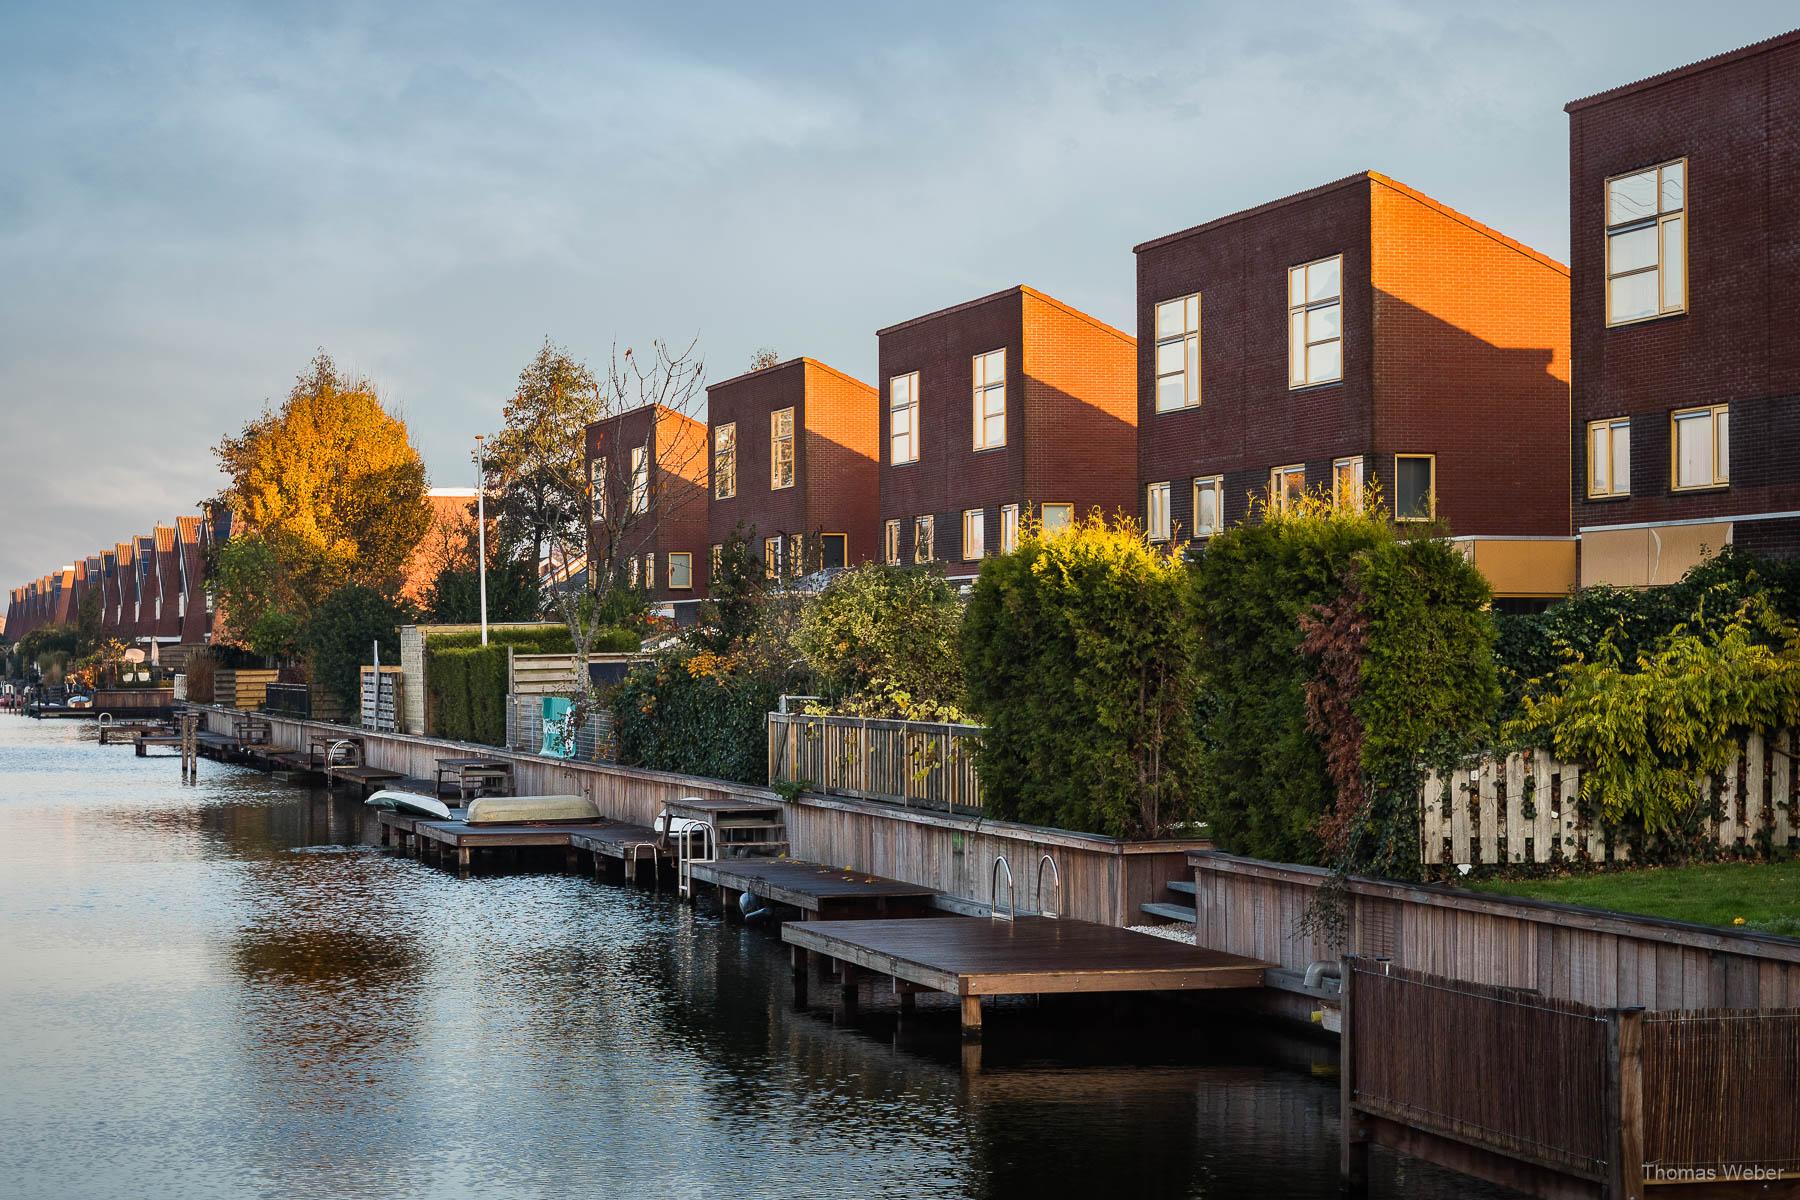 Der Reitdiephaven in Groningen bei einer Fahrradtour durch Groningen, Fotograf Oldenburg, Thomas Weber